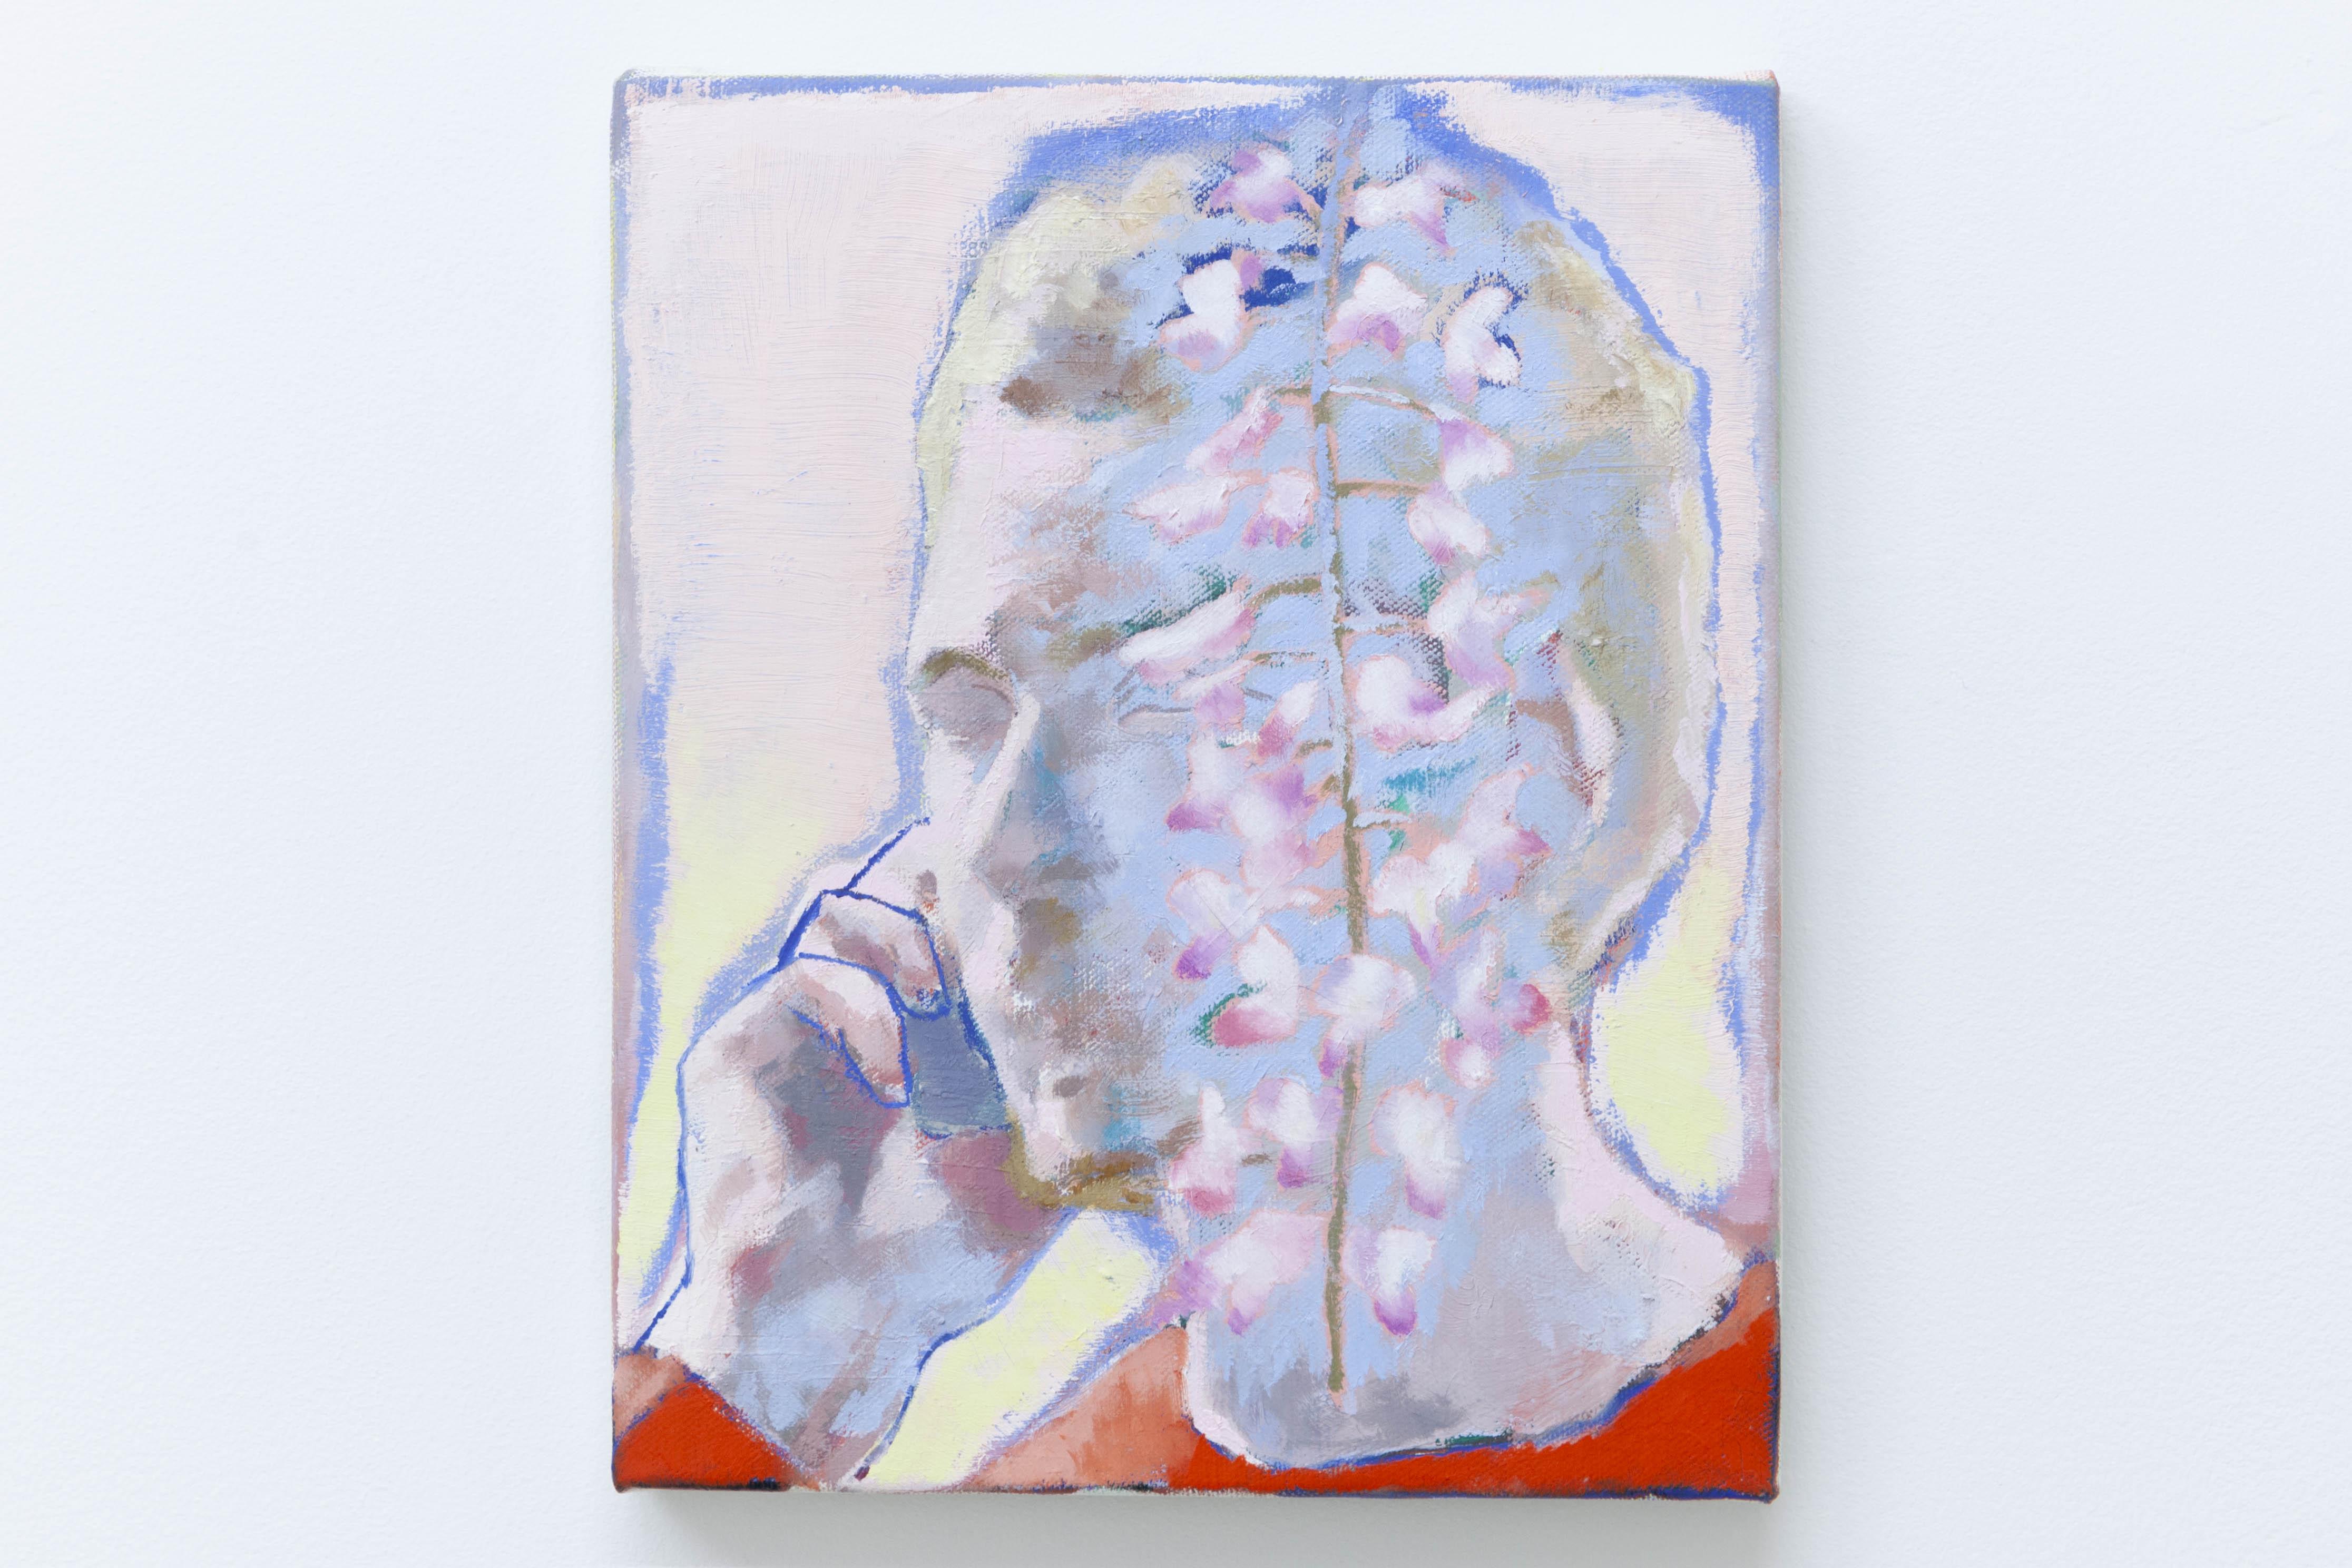 Ta voix dans les glycines II, 2020, huile sur toile, 27 x 22 cm_photo Julie Coulon_web_2